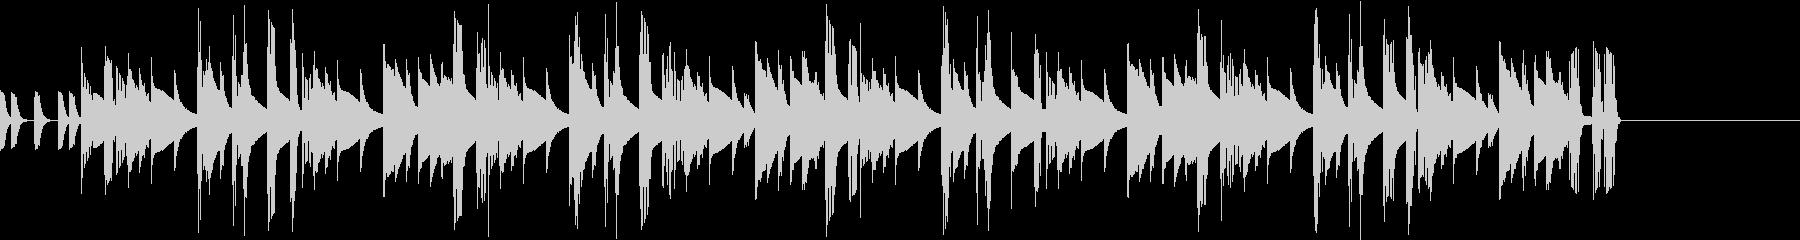 シンセベースとリズムボックス ジングル1の未再生の波形